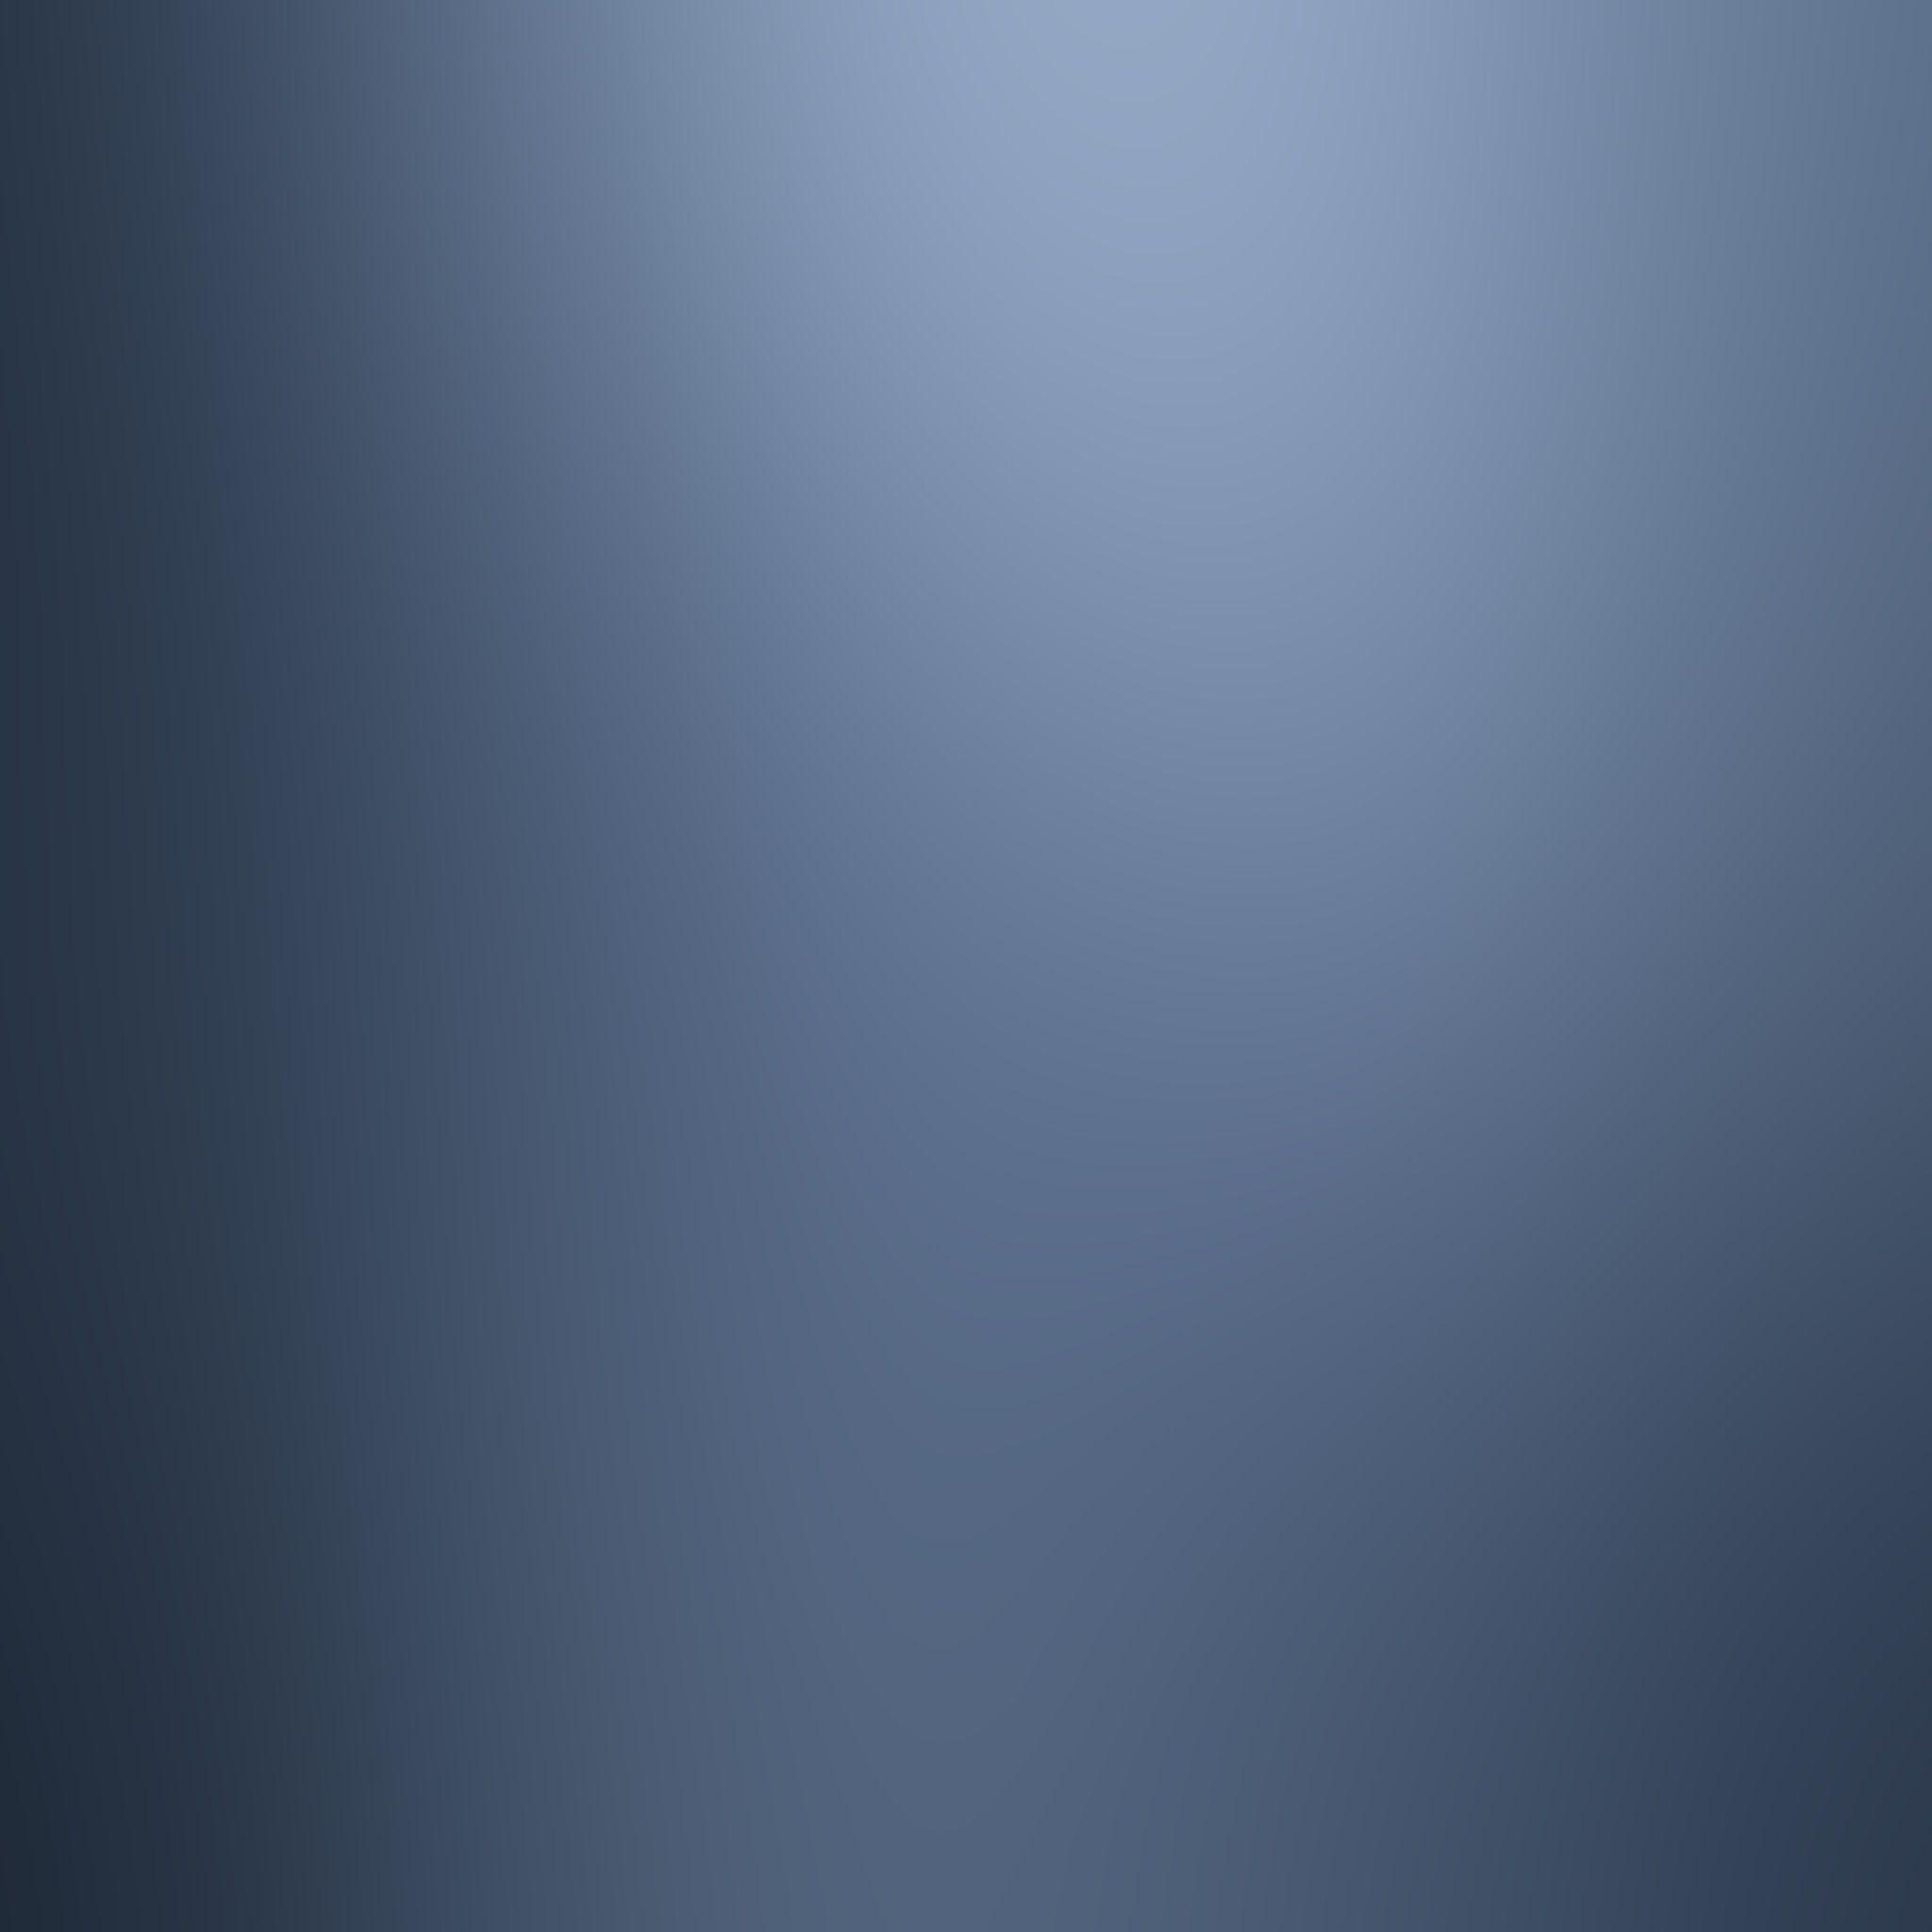 smooth navy gray ios7 ipad wallpaper hd | ipad wallpaper